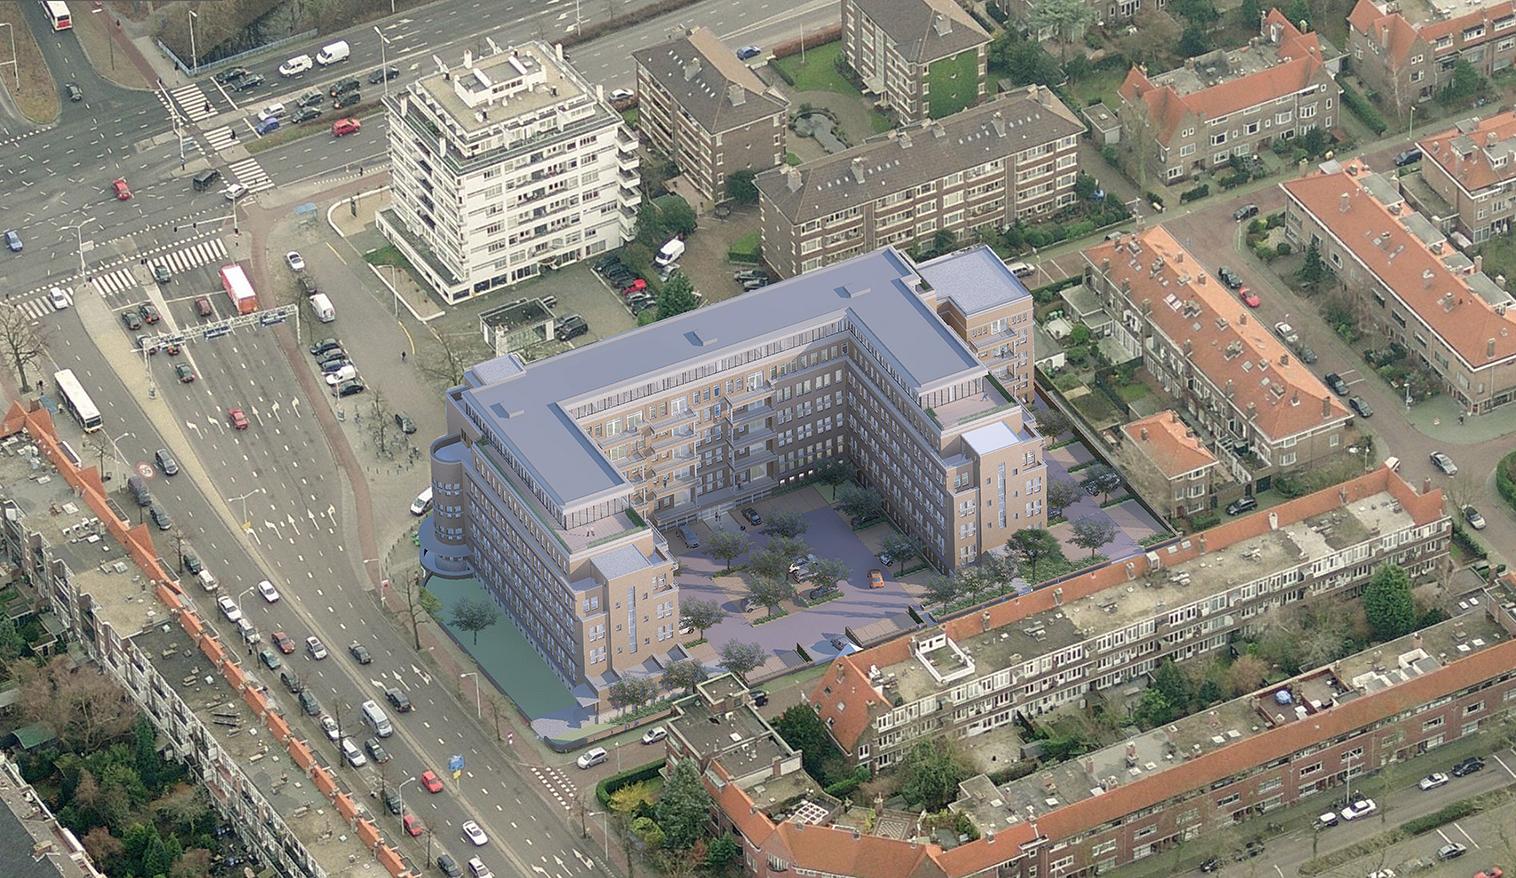 04 OPL Architecten_Willem Witsen DenHaag-1516×878-72dpi